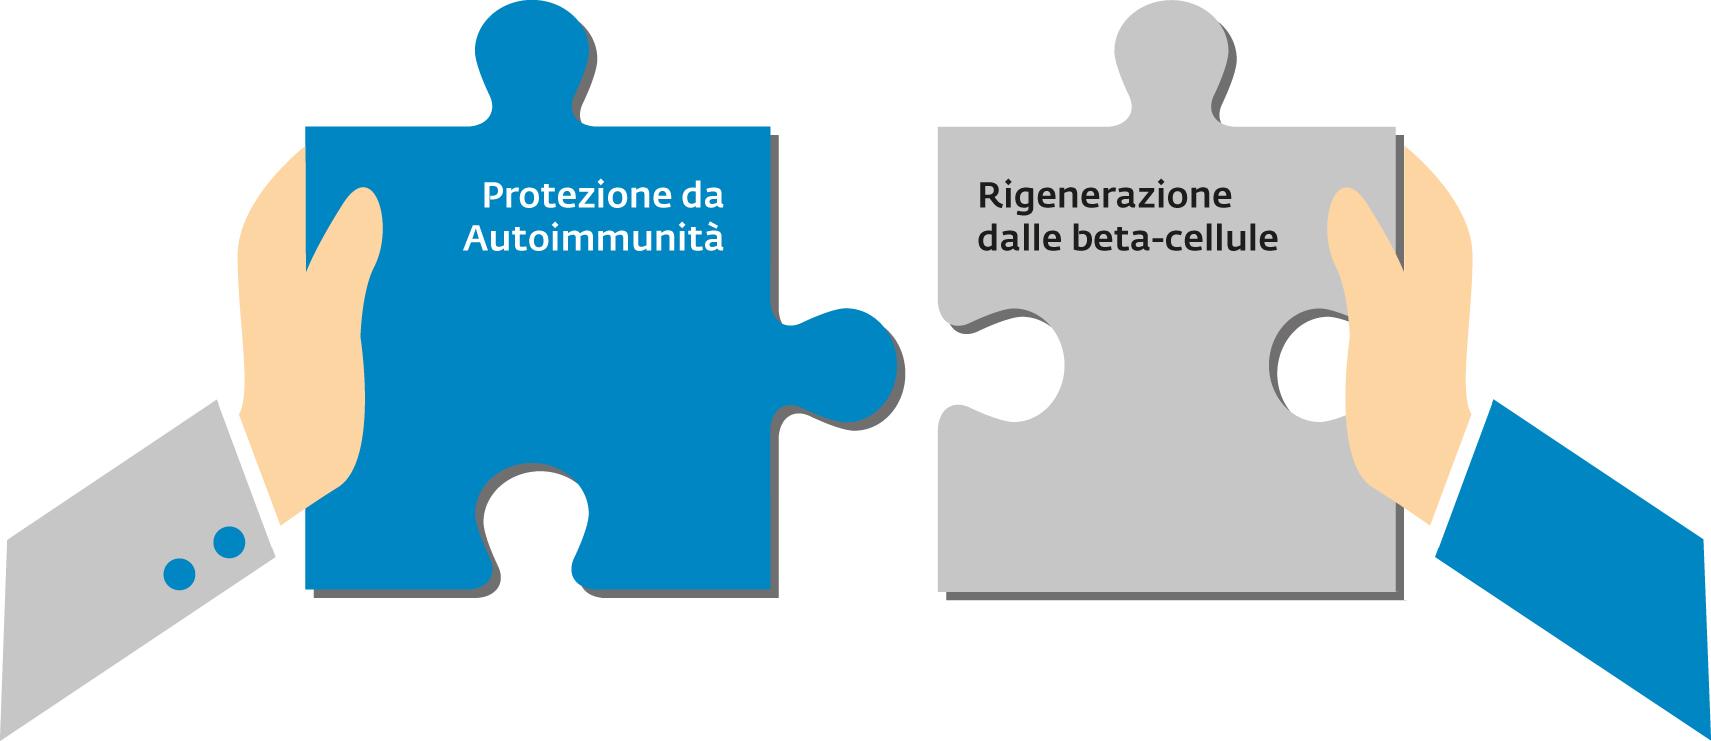 Preservazione di massa e funzione  beta-cellulare nel diabete tipo 1